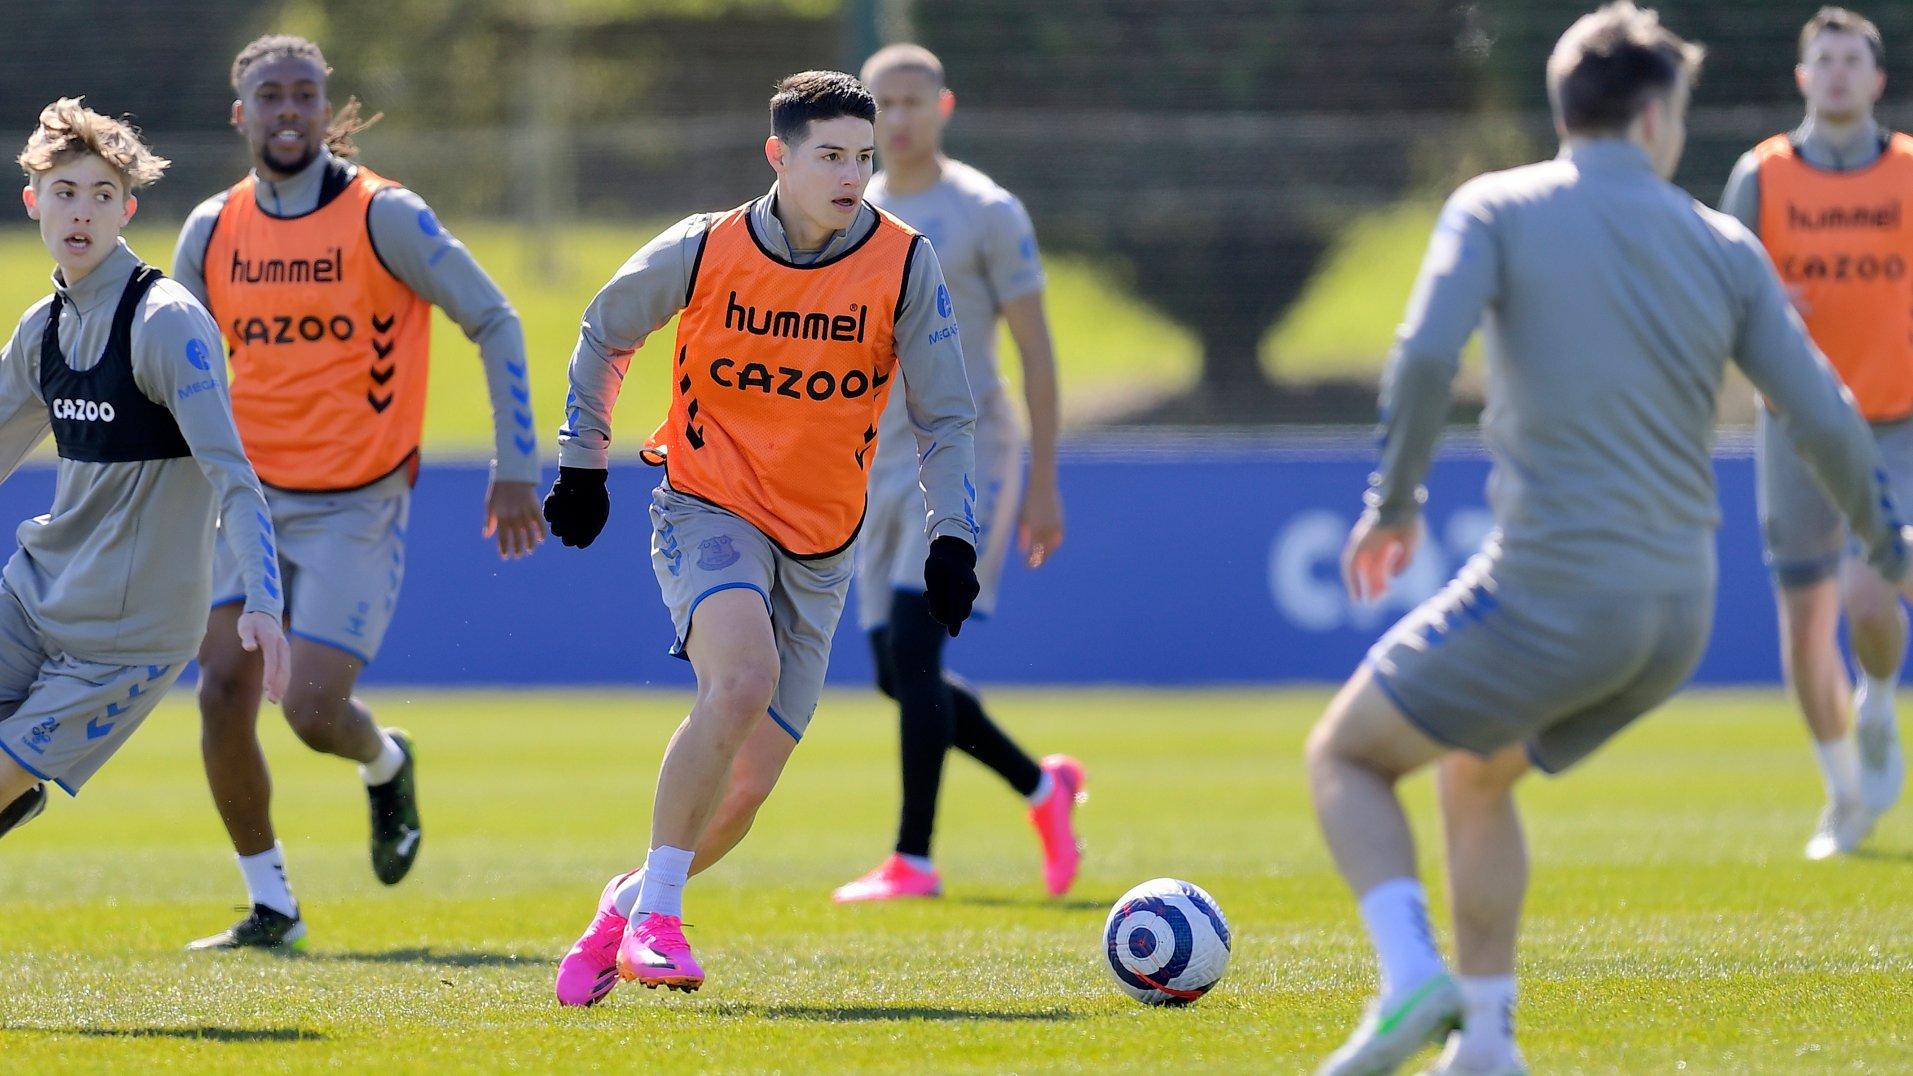 Pemain Everton James Rodriguez latihan bersama timnya